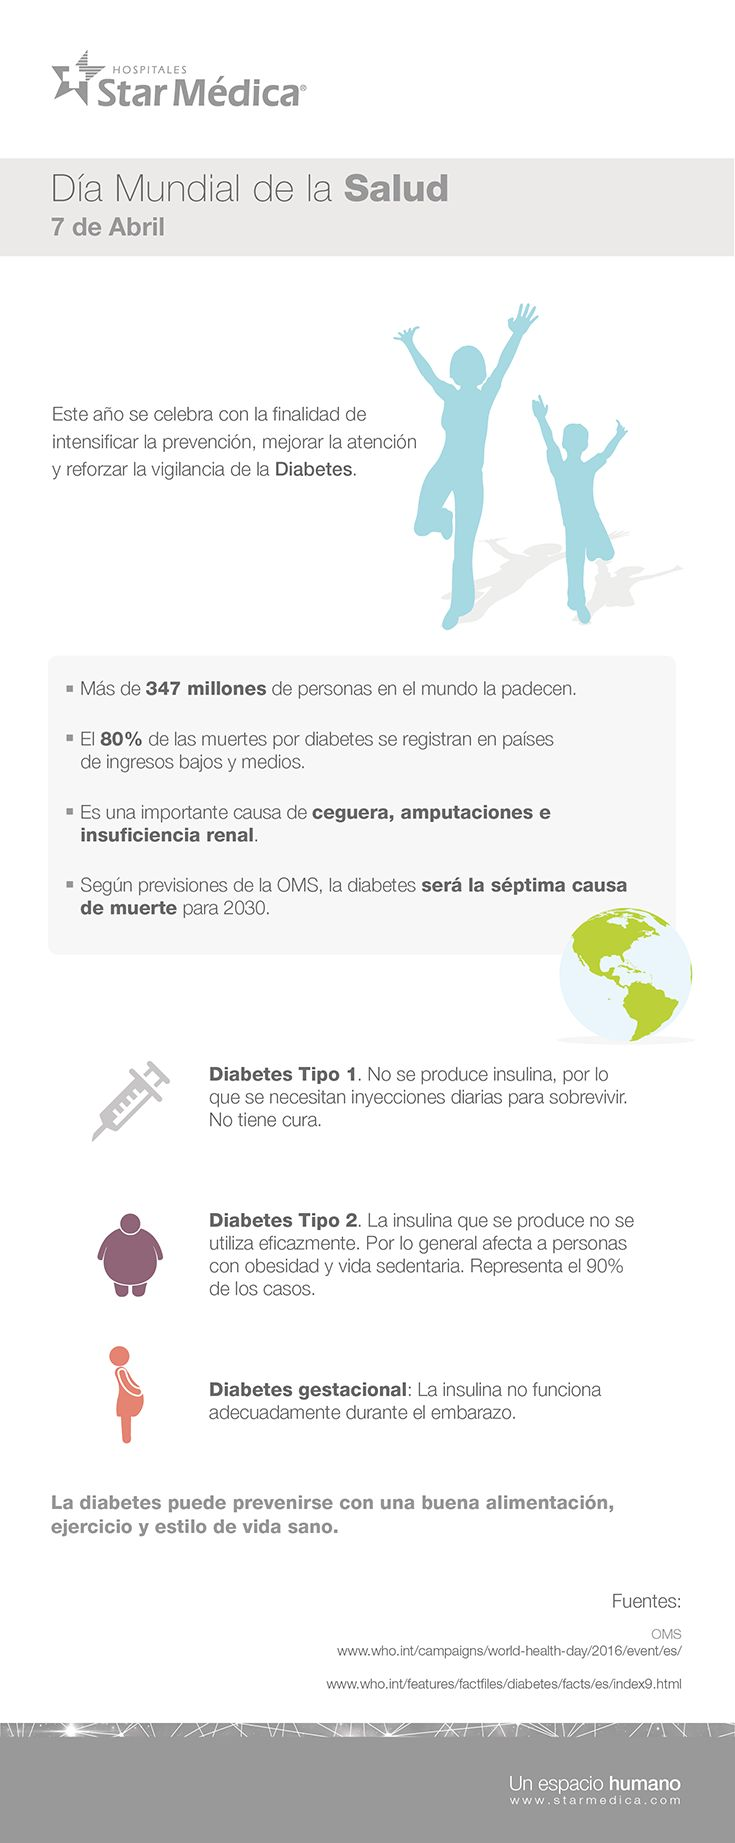 Día Mundial de la Salud: diabetes ° La diabetes es enfermedad que ha aumentando rápidamente; uno de los objetivos principales, en el Día Mundial de la Salud, consiste en estimular y apoyar la adopción de medidas eficaces para la prevención y control de la diabetes y sus complicaciones.  °Existen varios tipos de diabetes, de las cuales, sólo la de tipo 2 es prevenible, si se siguen las recomendaciones que realiza la OMS.